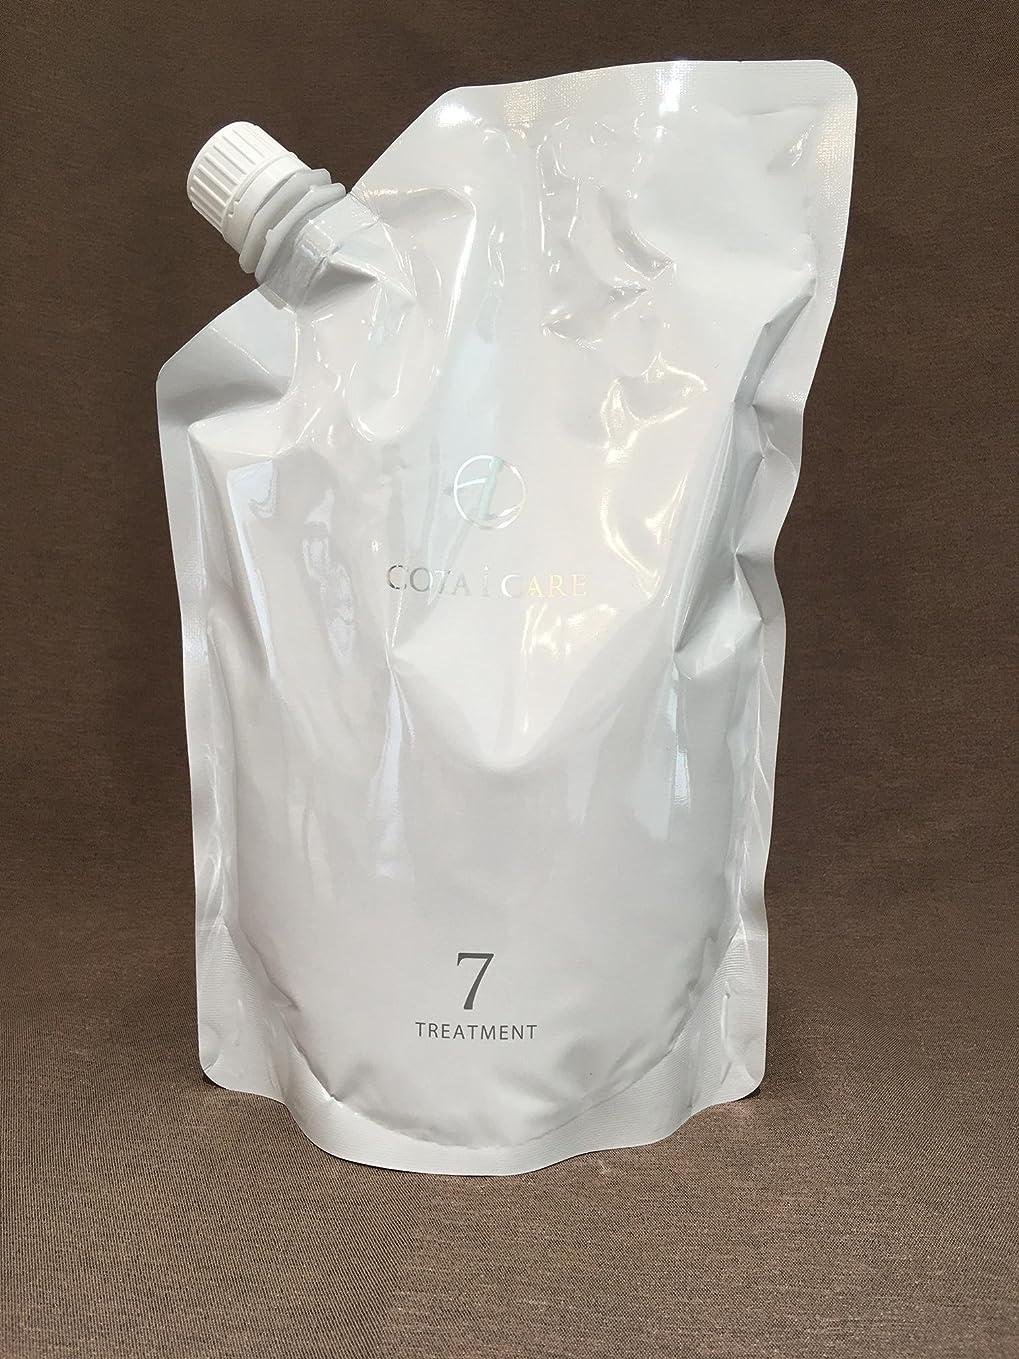 乳製品電話に出るマスクコタ アイ ケア トリートメント 7(詰替え用)(750g)